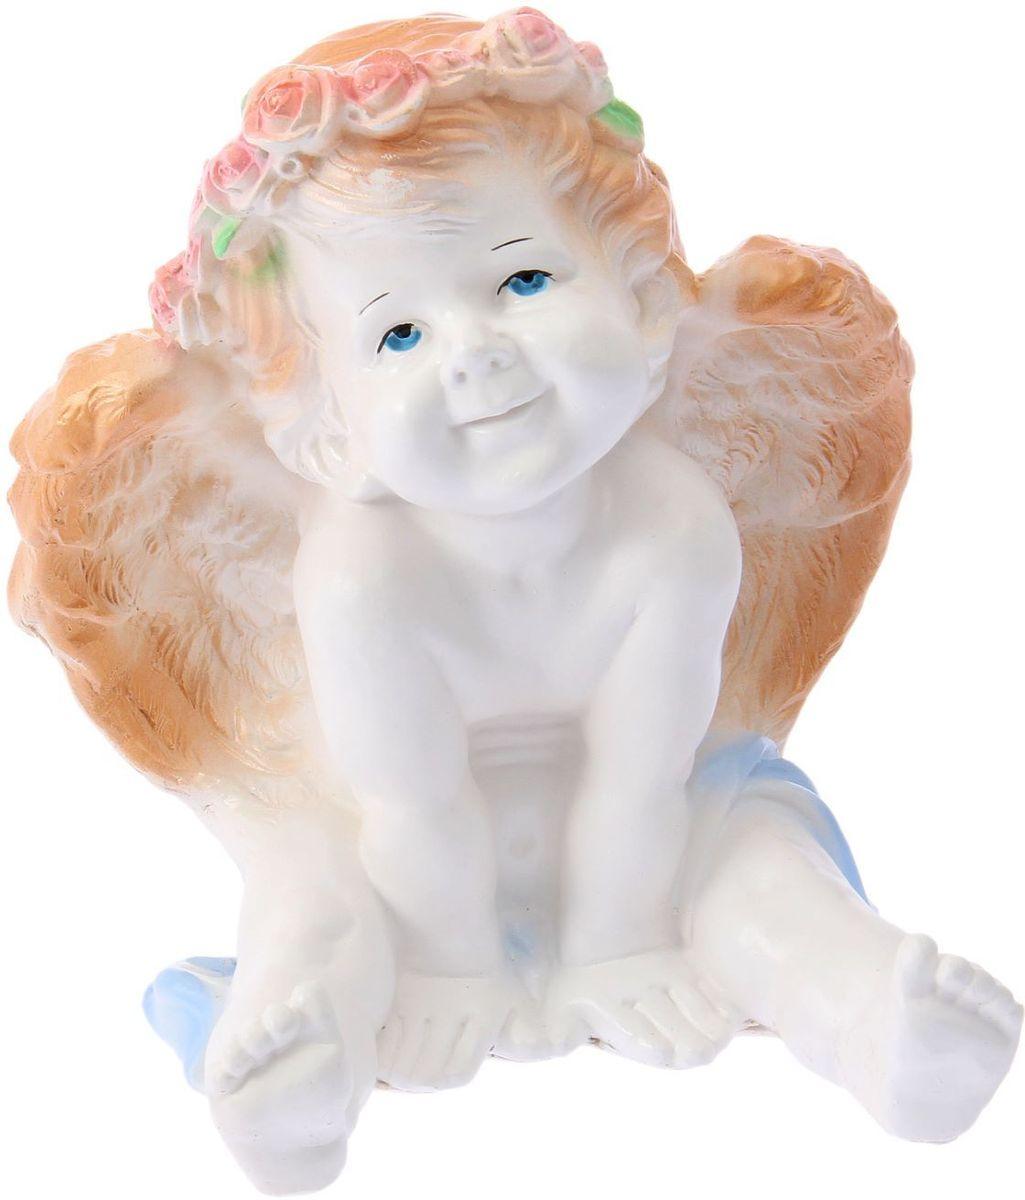 Фигура садовая Ангел карапуз сидя, цвет: белый, золотистый, 20 х 20 х 25 см2380065Фигура садовая Ангел карапуз сидя - этот сувенир выполнен из качественного гипса. Фигура будет хранить воспоминание о месте, где вы побывали, или о том человеке, который подарил данный предмет.